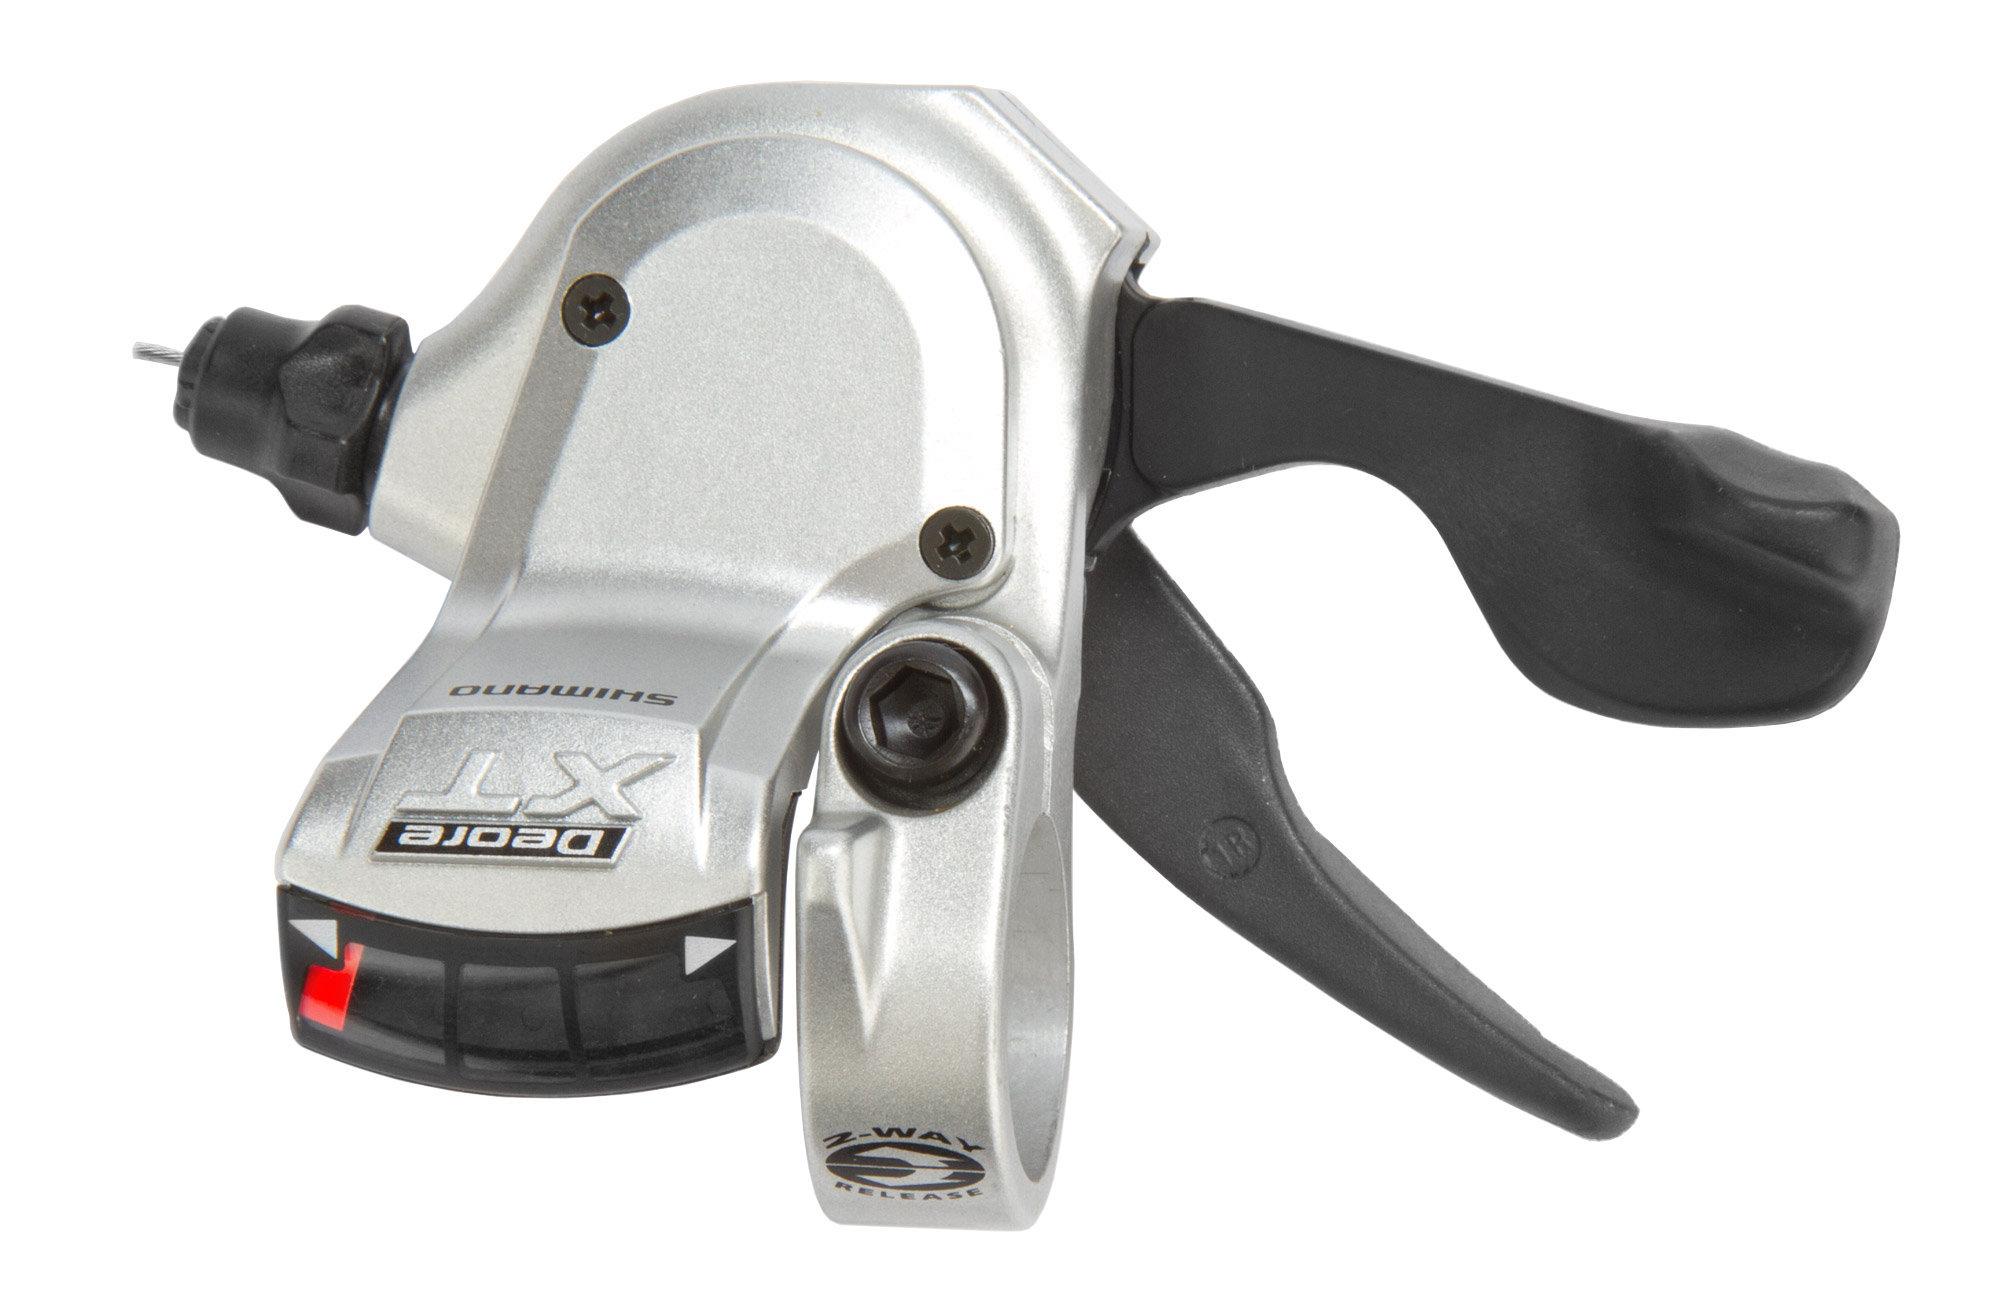 Купить Шифтер/манетка Deore XT SL-M760 прав. 9ск. в интернет магазине. Цены, фото, описания, характеристики, отзывы, обзоры